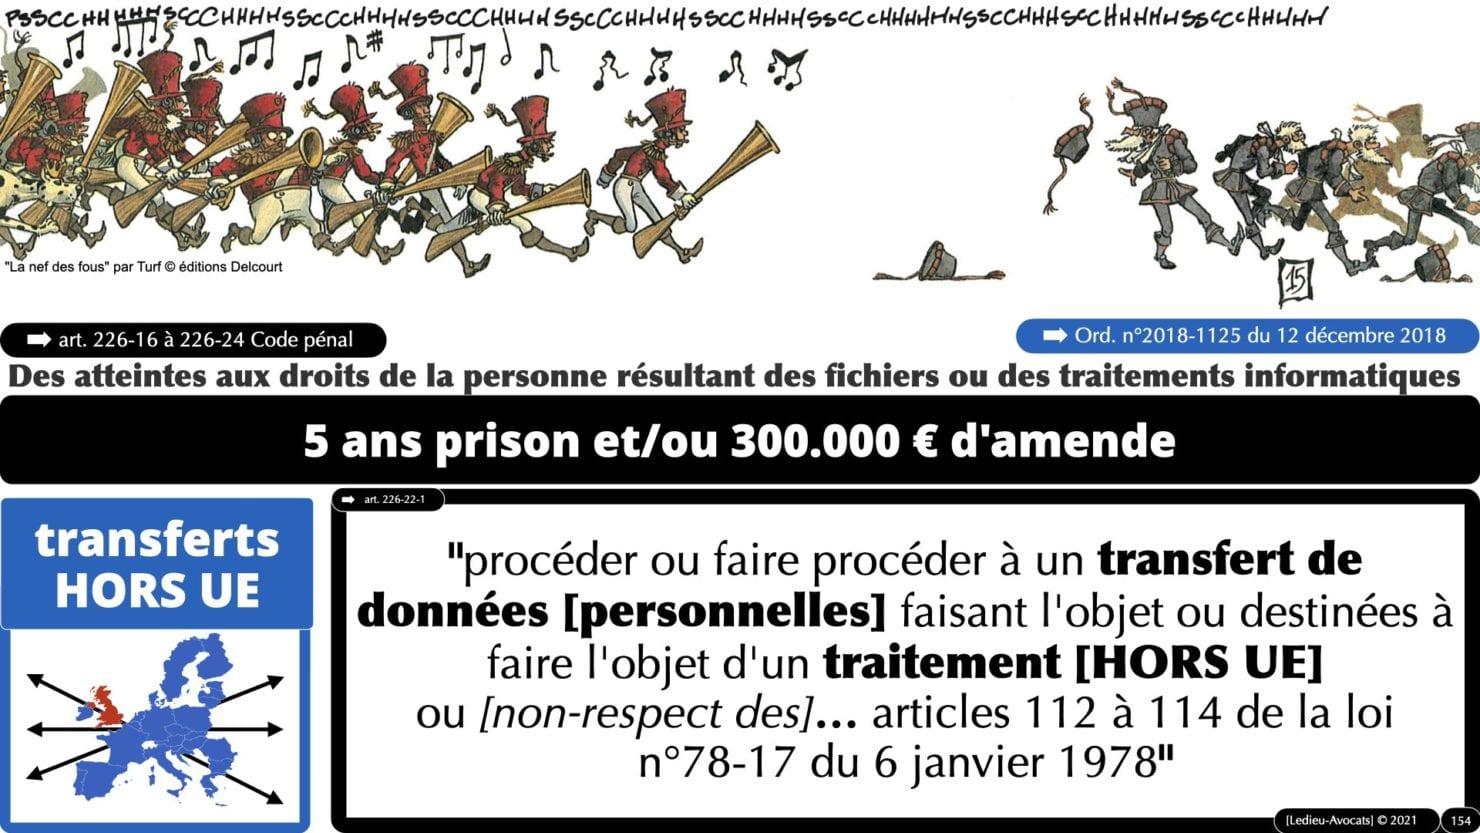 333 CYBER ATTAQUE responsabilité pénale civile contrat © Ledieu-Avocats 23-05-2021.154